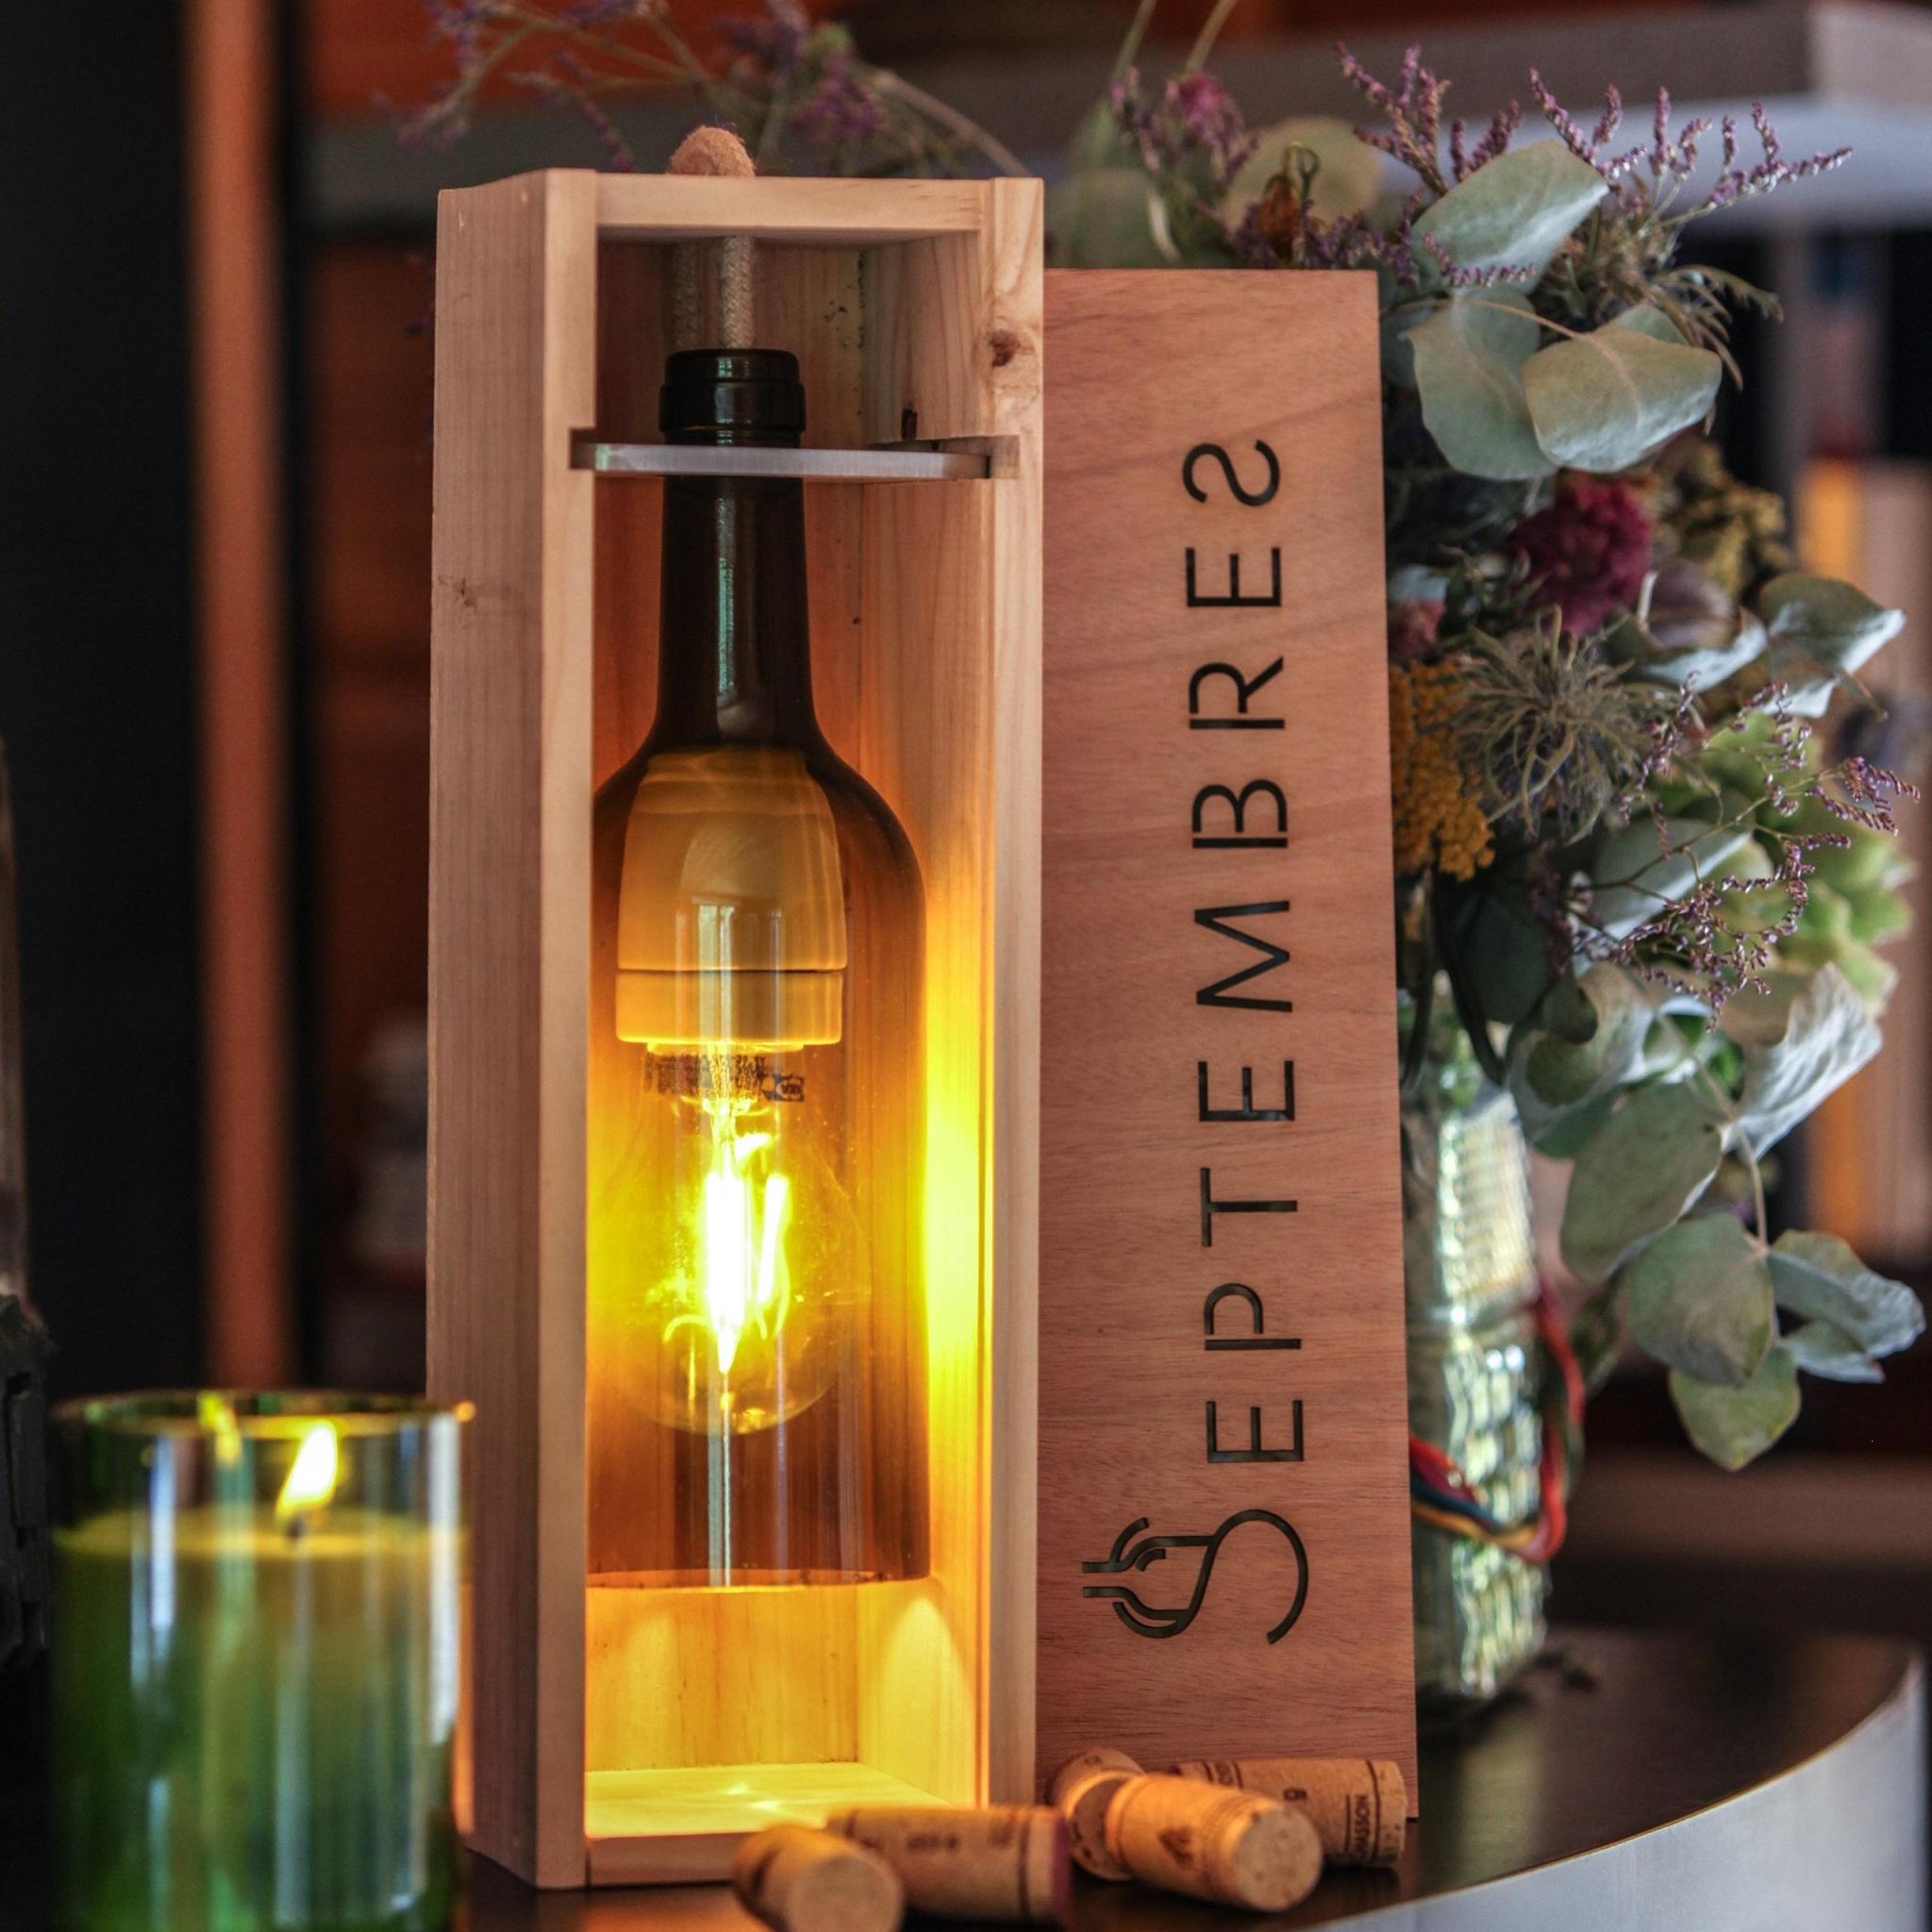 Lampe bouteille de vin artisanale Hadrien 2 - Septembres